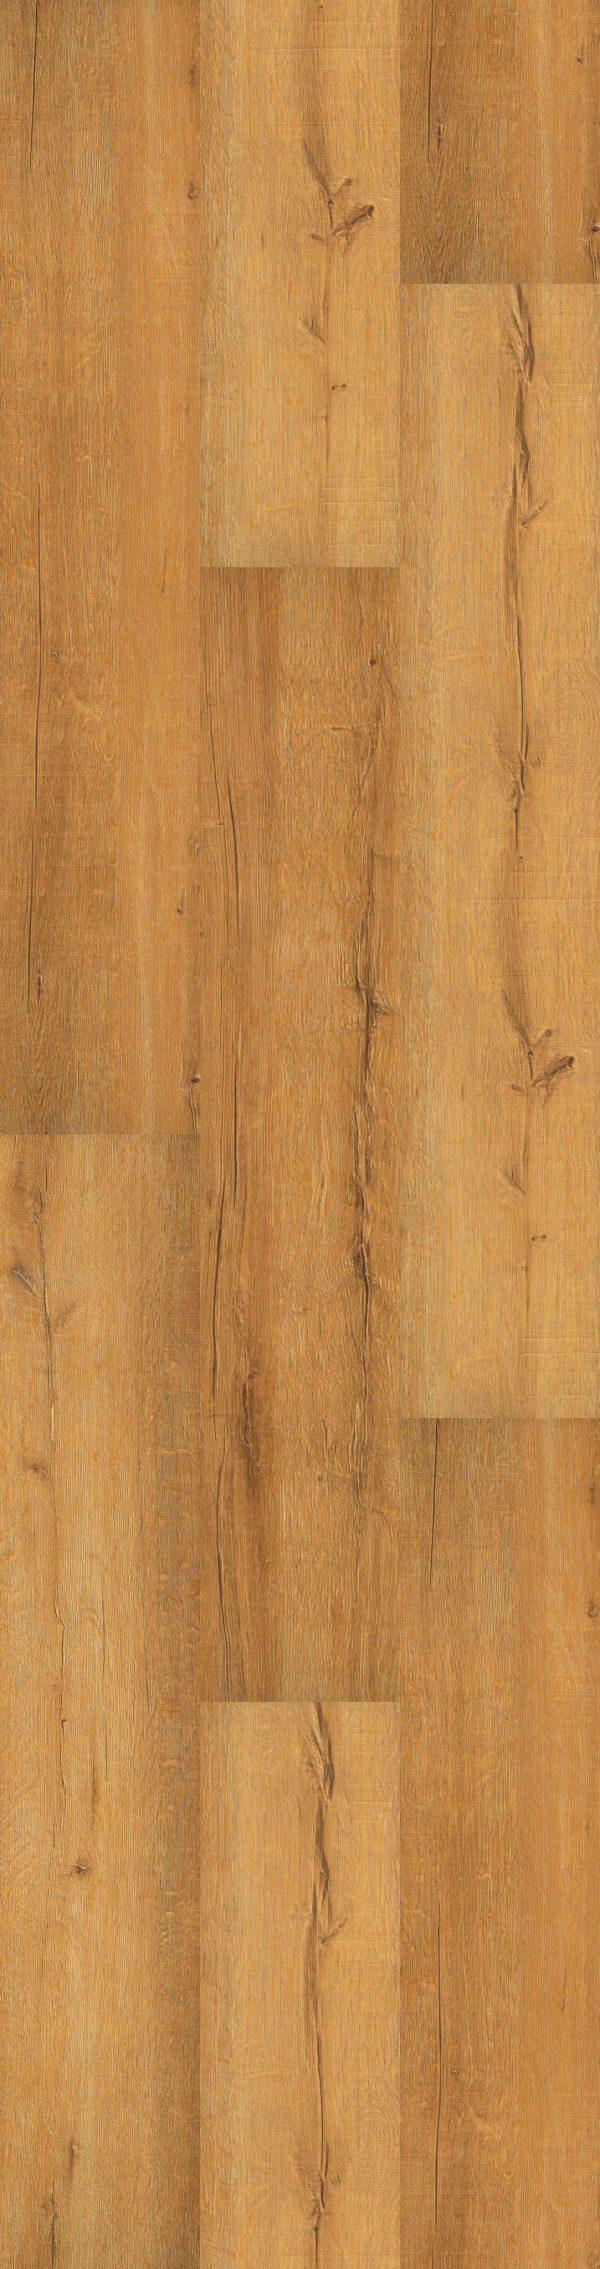 Tirol Oak Honey